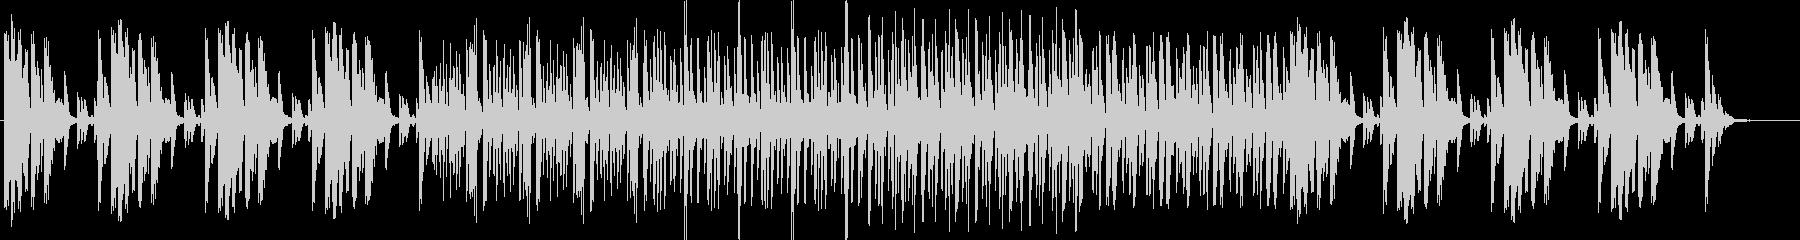 メロ無しファクトリーサウンド。CM,映像の未再生の波形